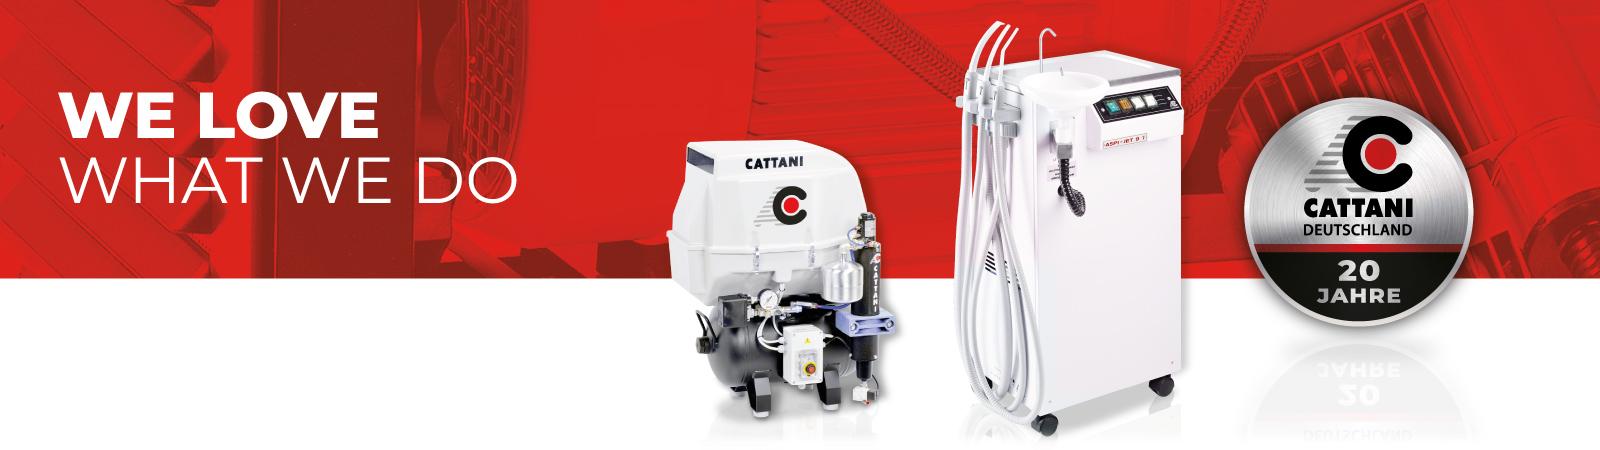 Cattani - Kompressoren